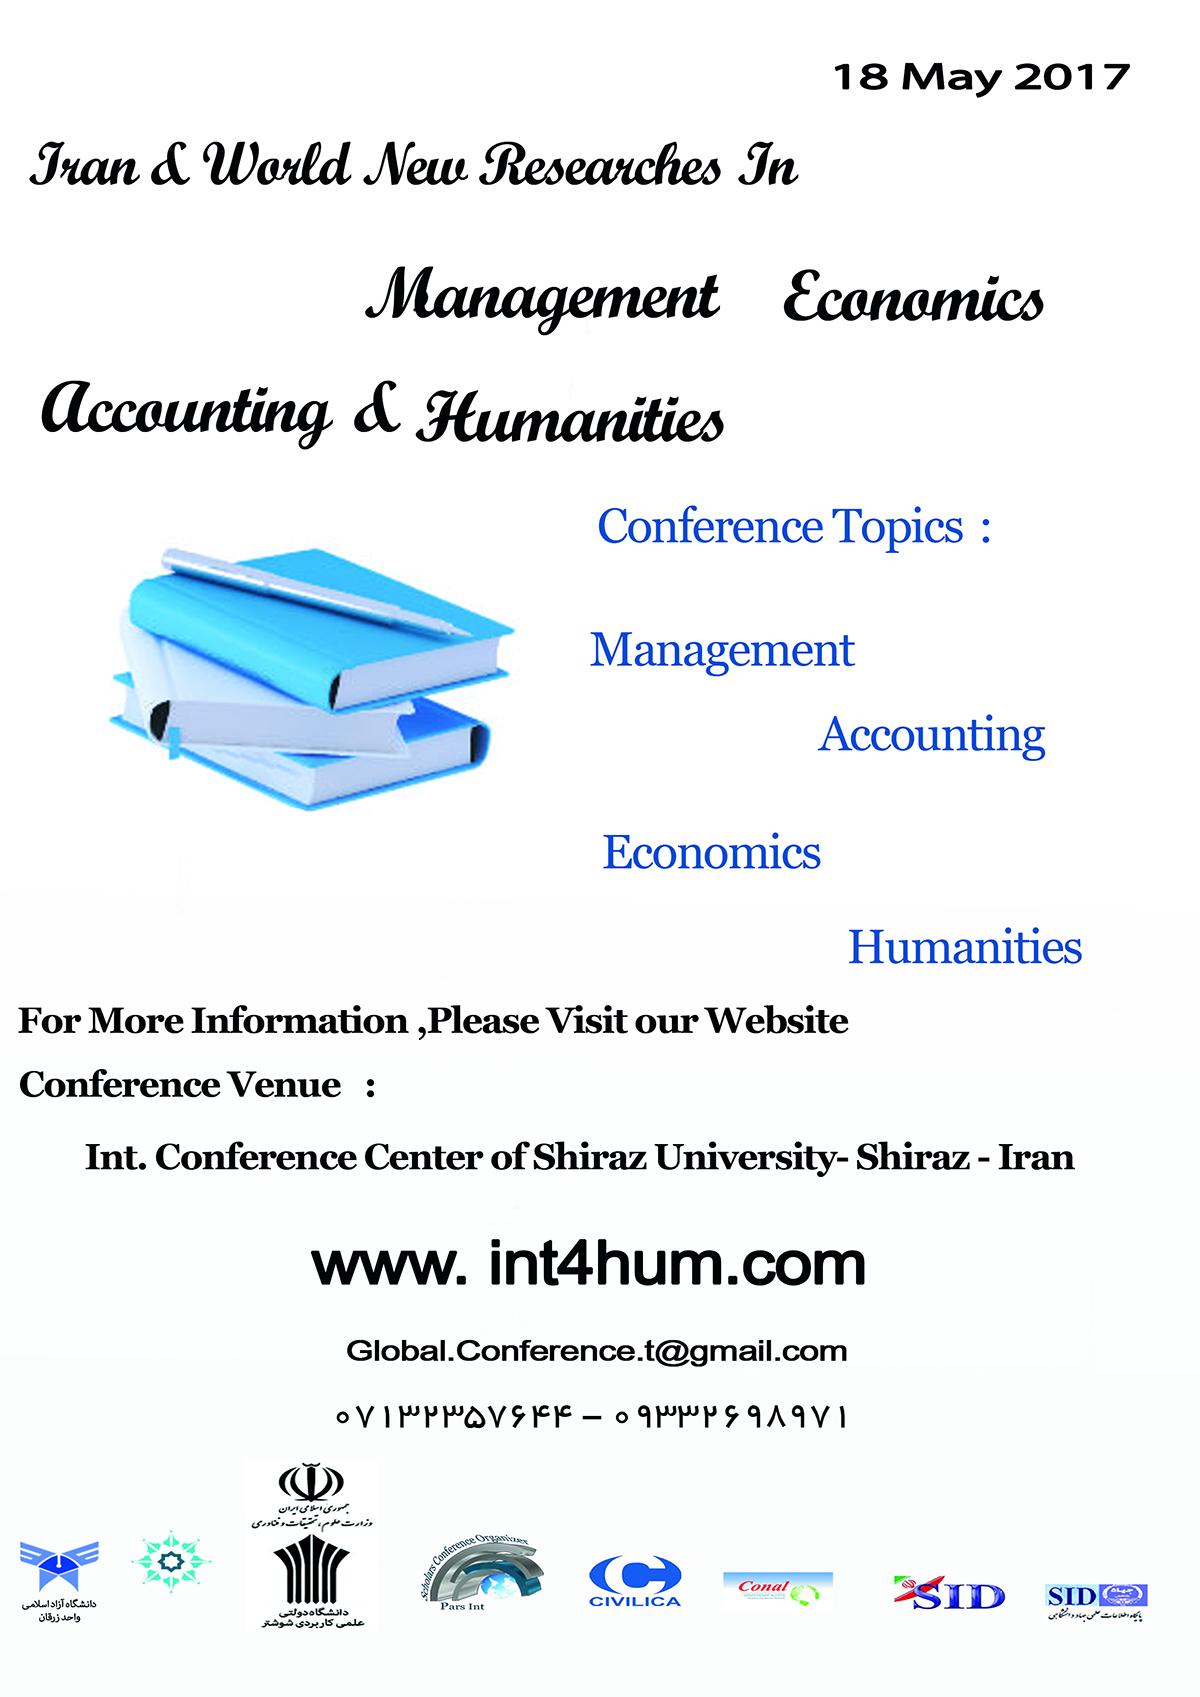 چهارمین کنفرانس های جهانی پژوهش های نوین ایران و جهان در مدیریت، اقتصاد، حسابداری و علوم انسانی (دارنده مجوز ISC وزارت علوم)